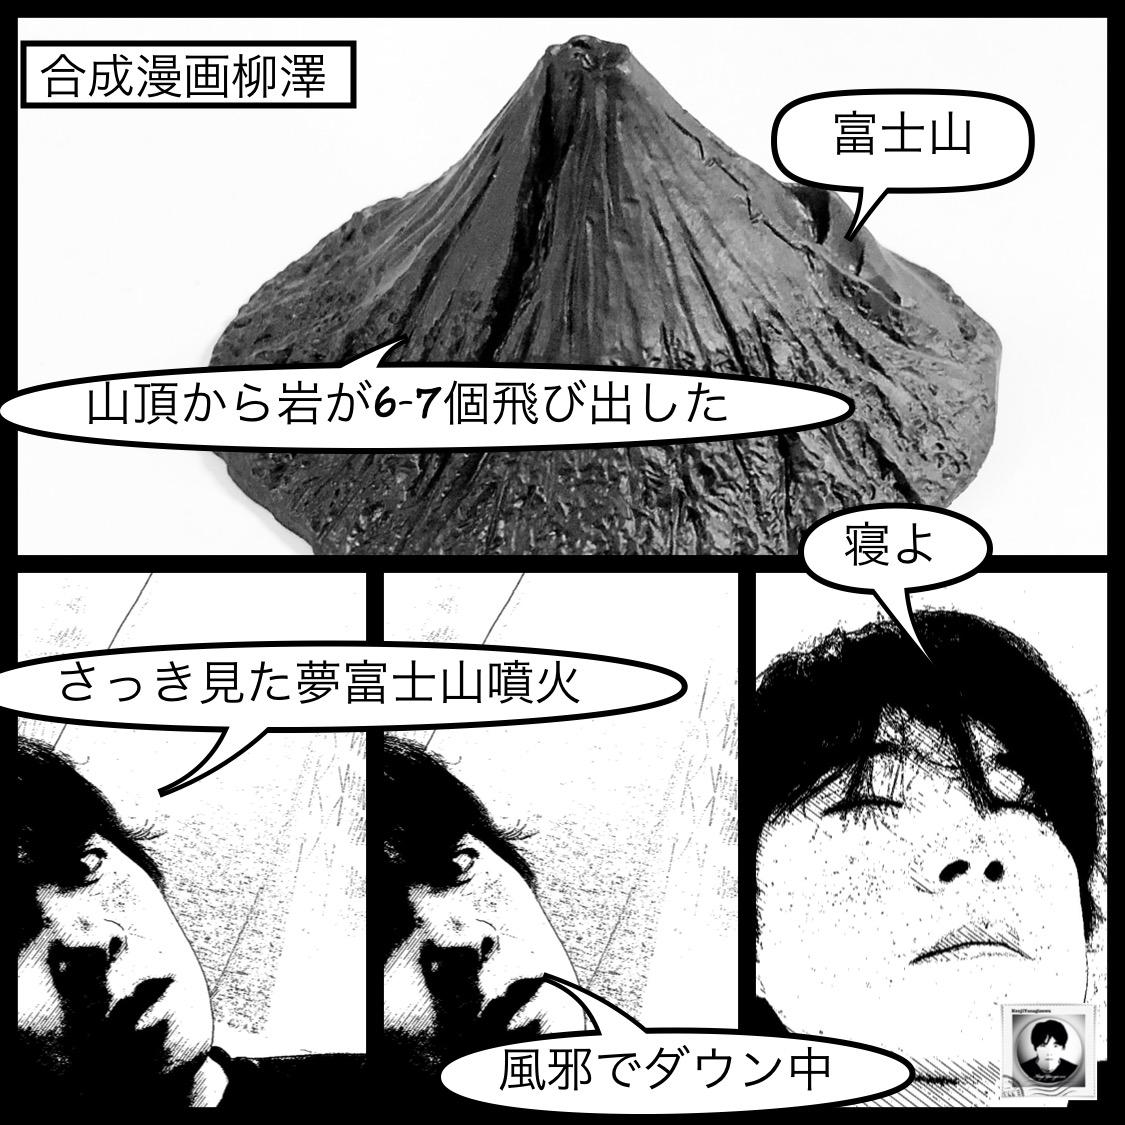 夢で見た富士山噴火🌋